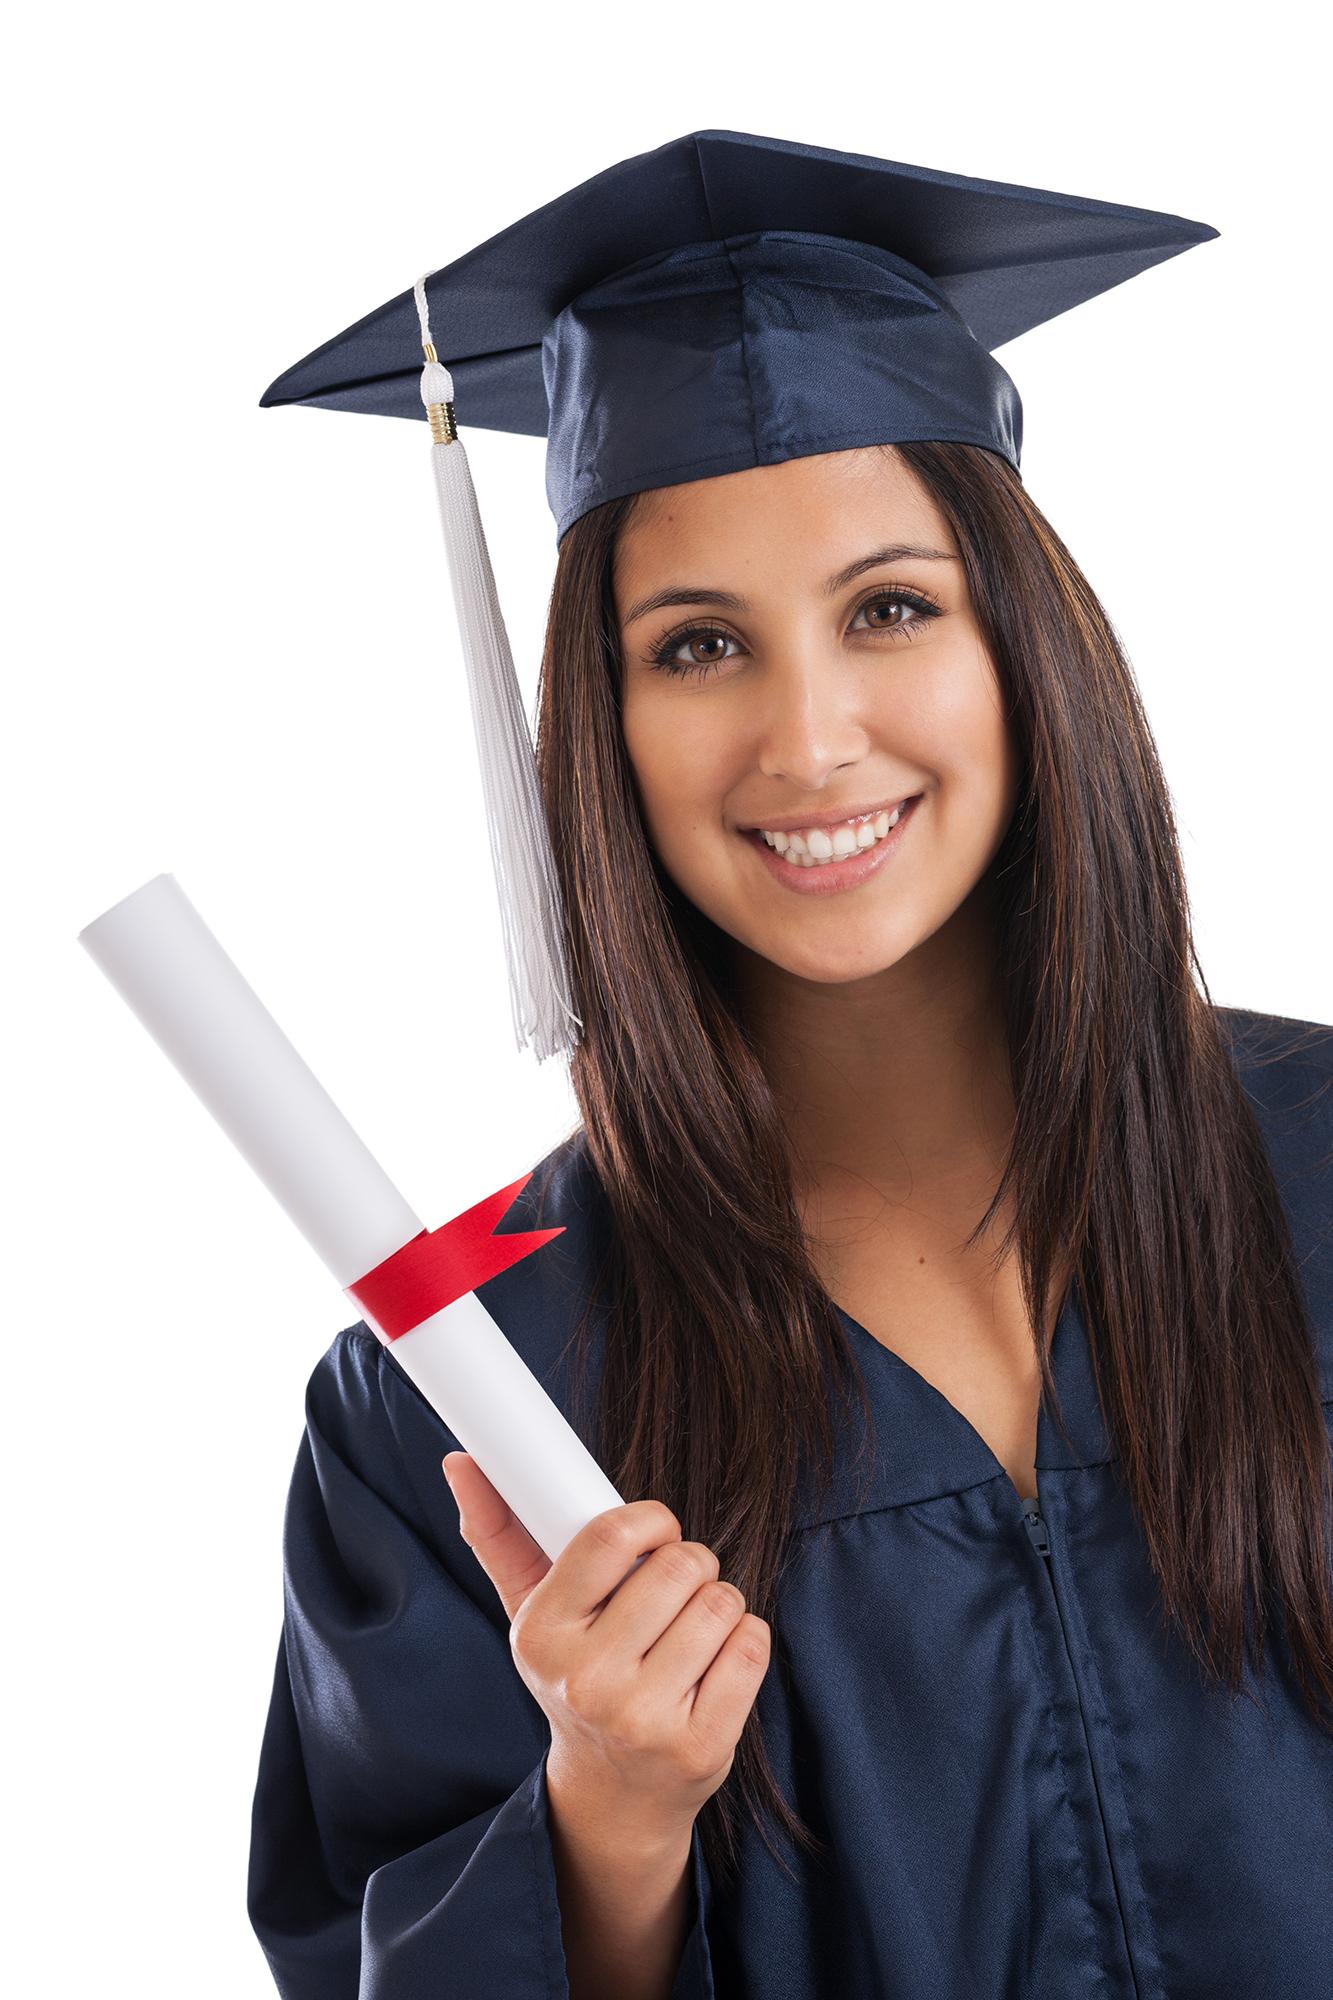 O tão sonhado diploma